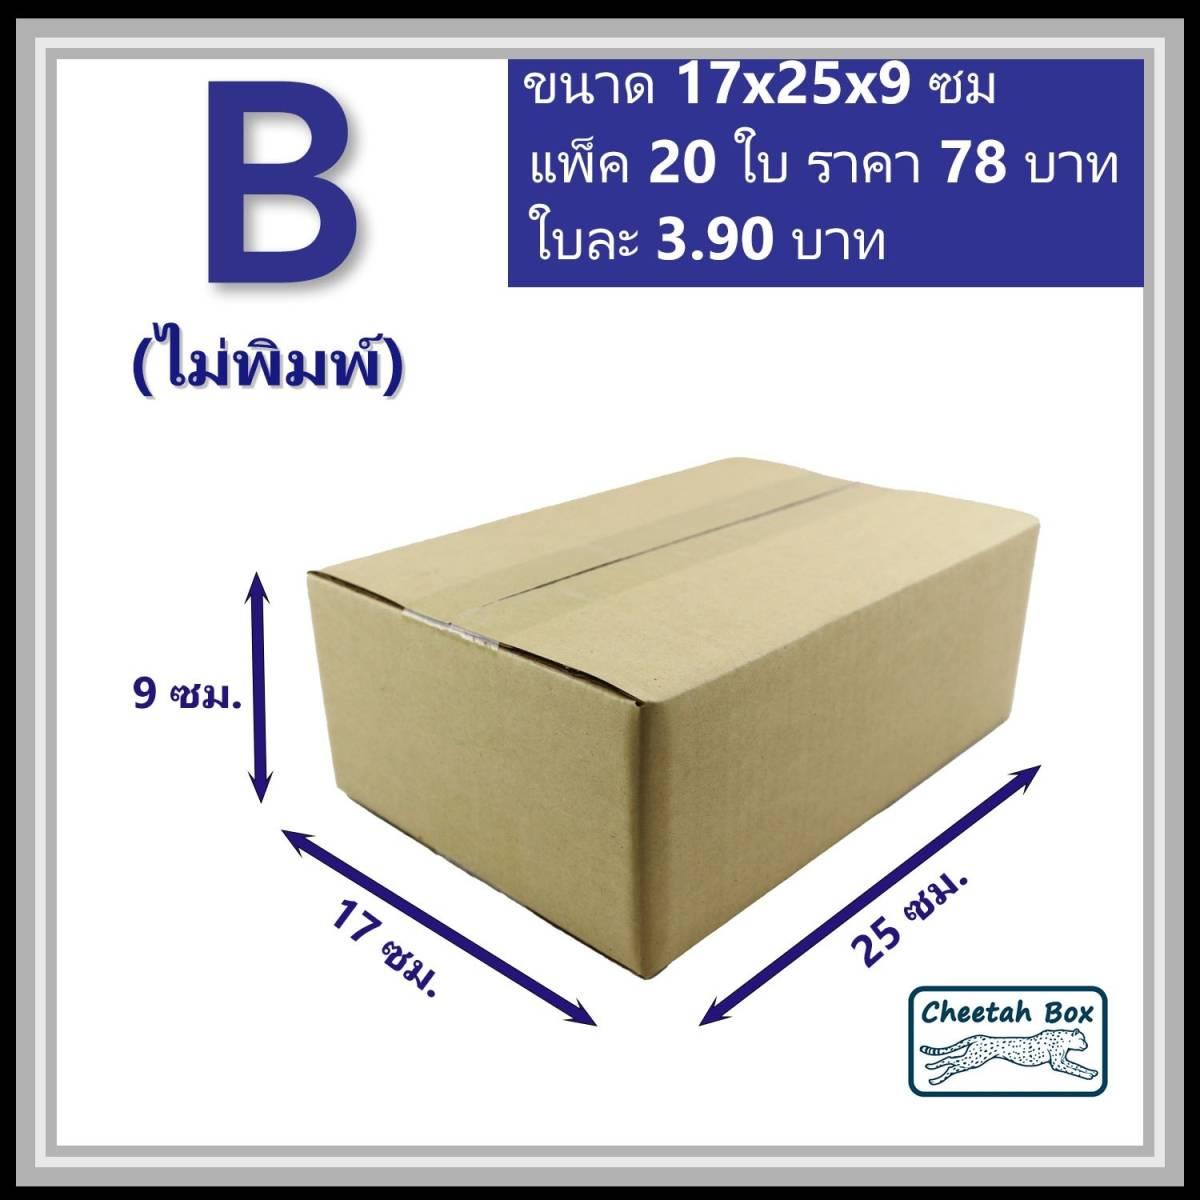 กล่องไปรษณีย์ B ไม่พิมพ์ (Cheetah Box ขนาด 17*25*9 CM)